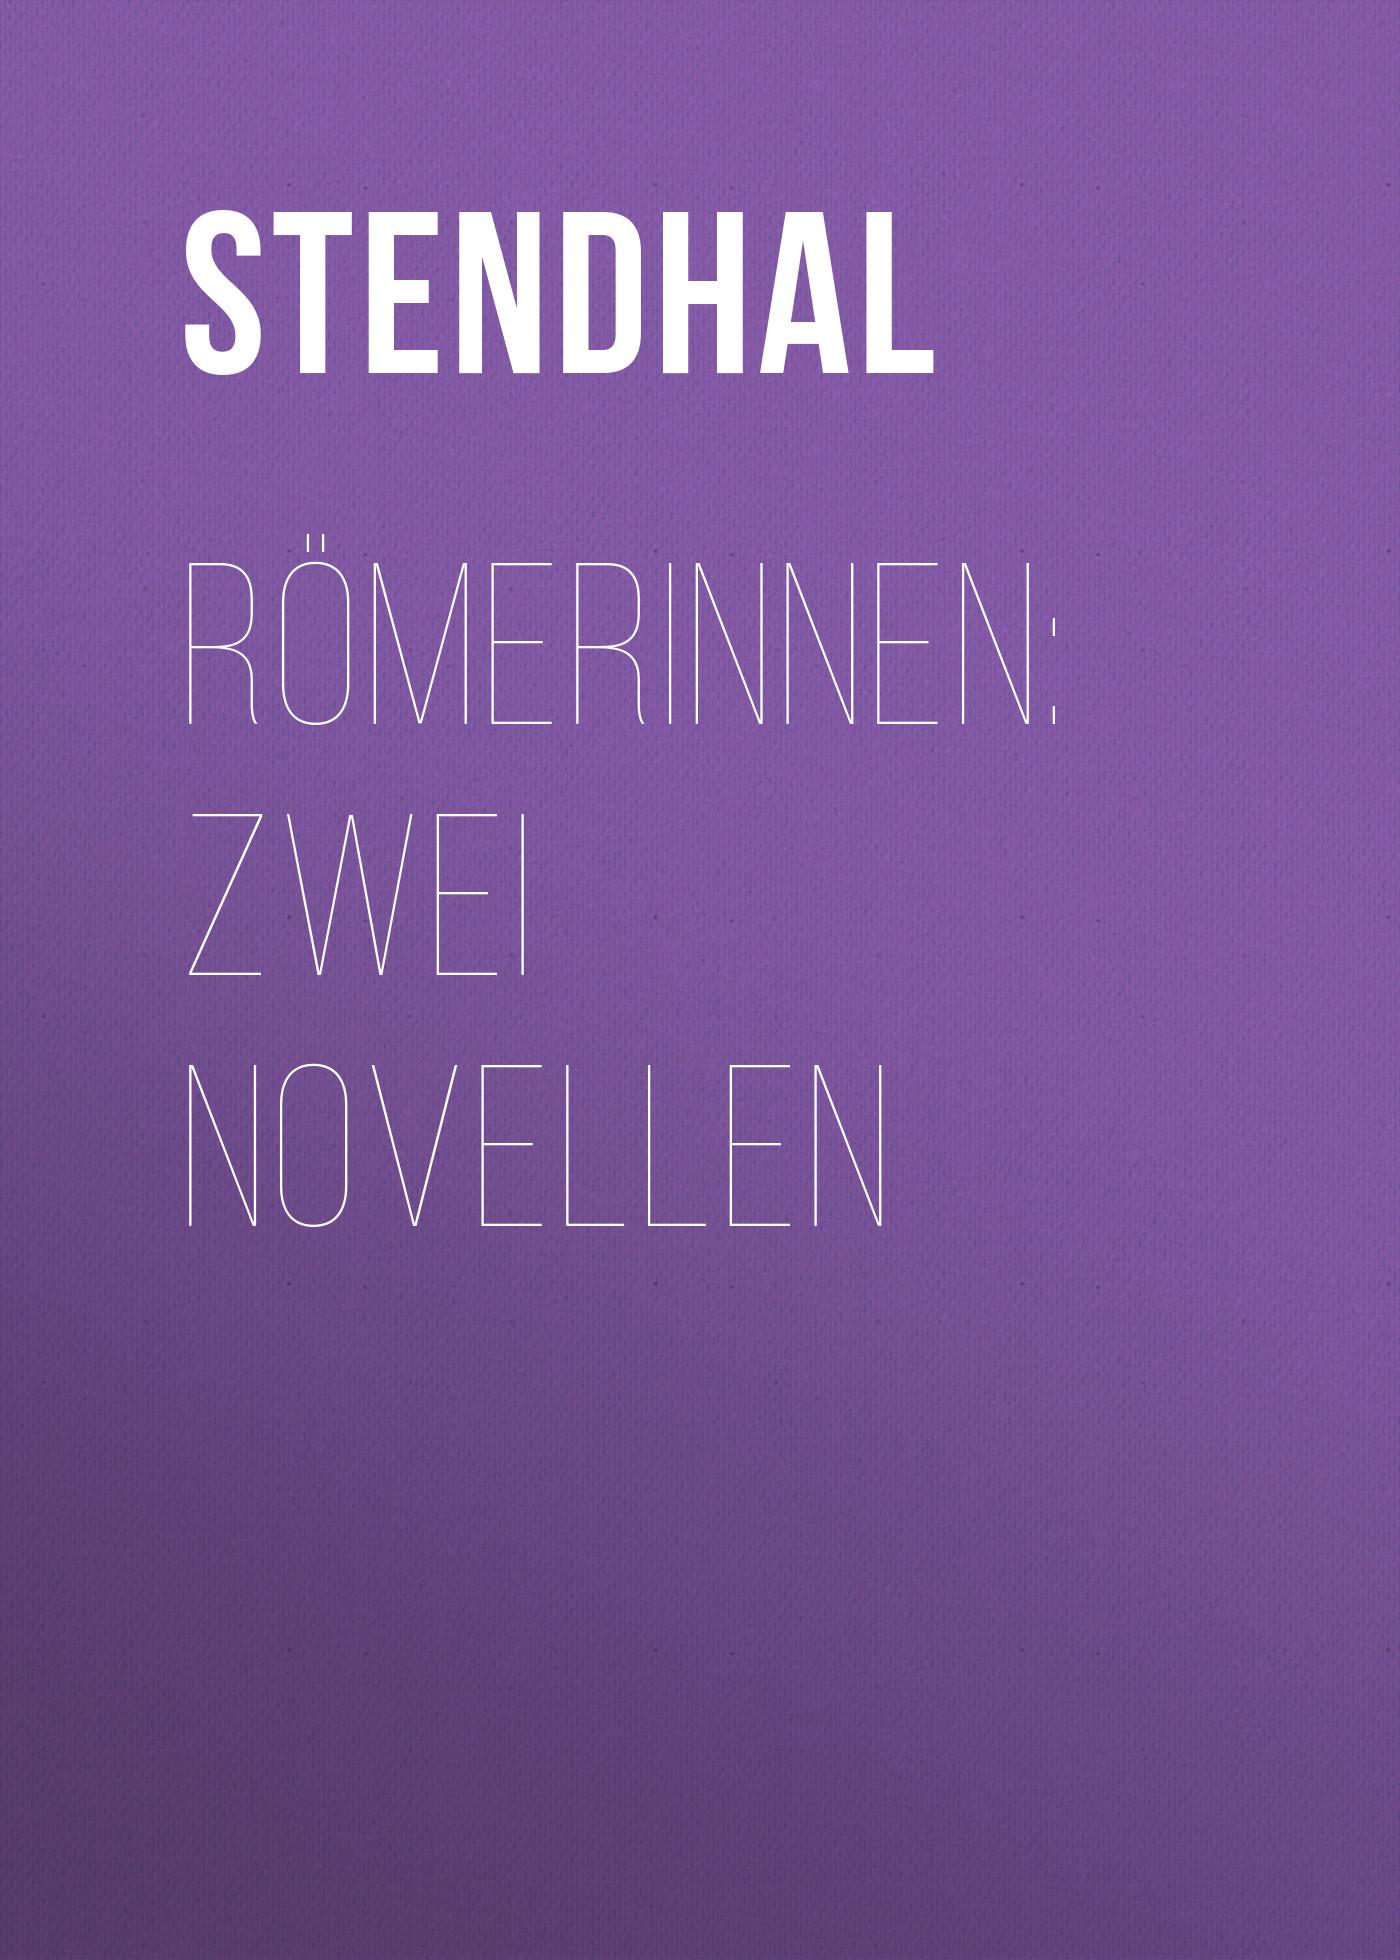 Stendhal Römerinnen: Zwei Novellen цена в Москве и Питере